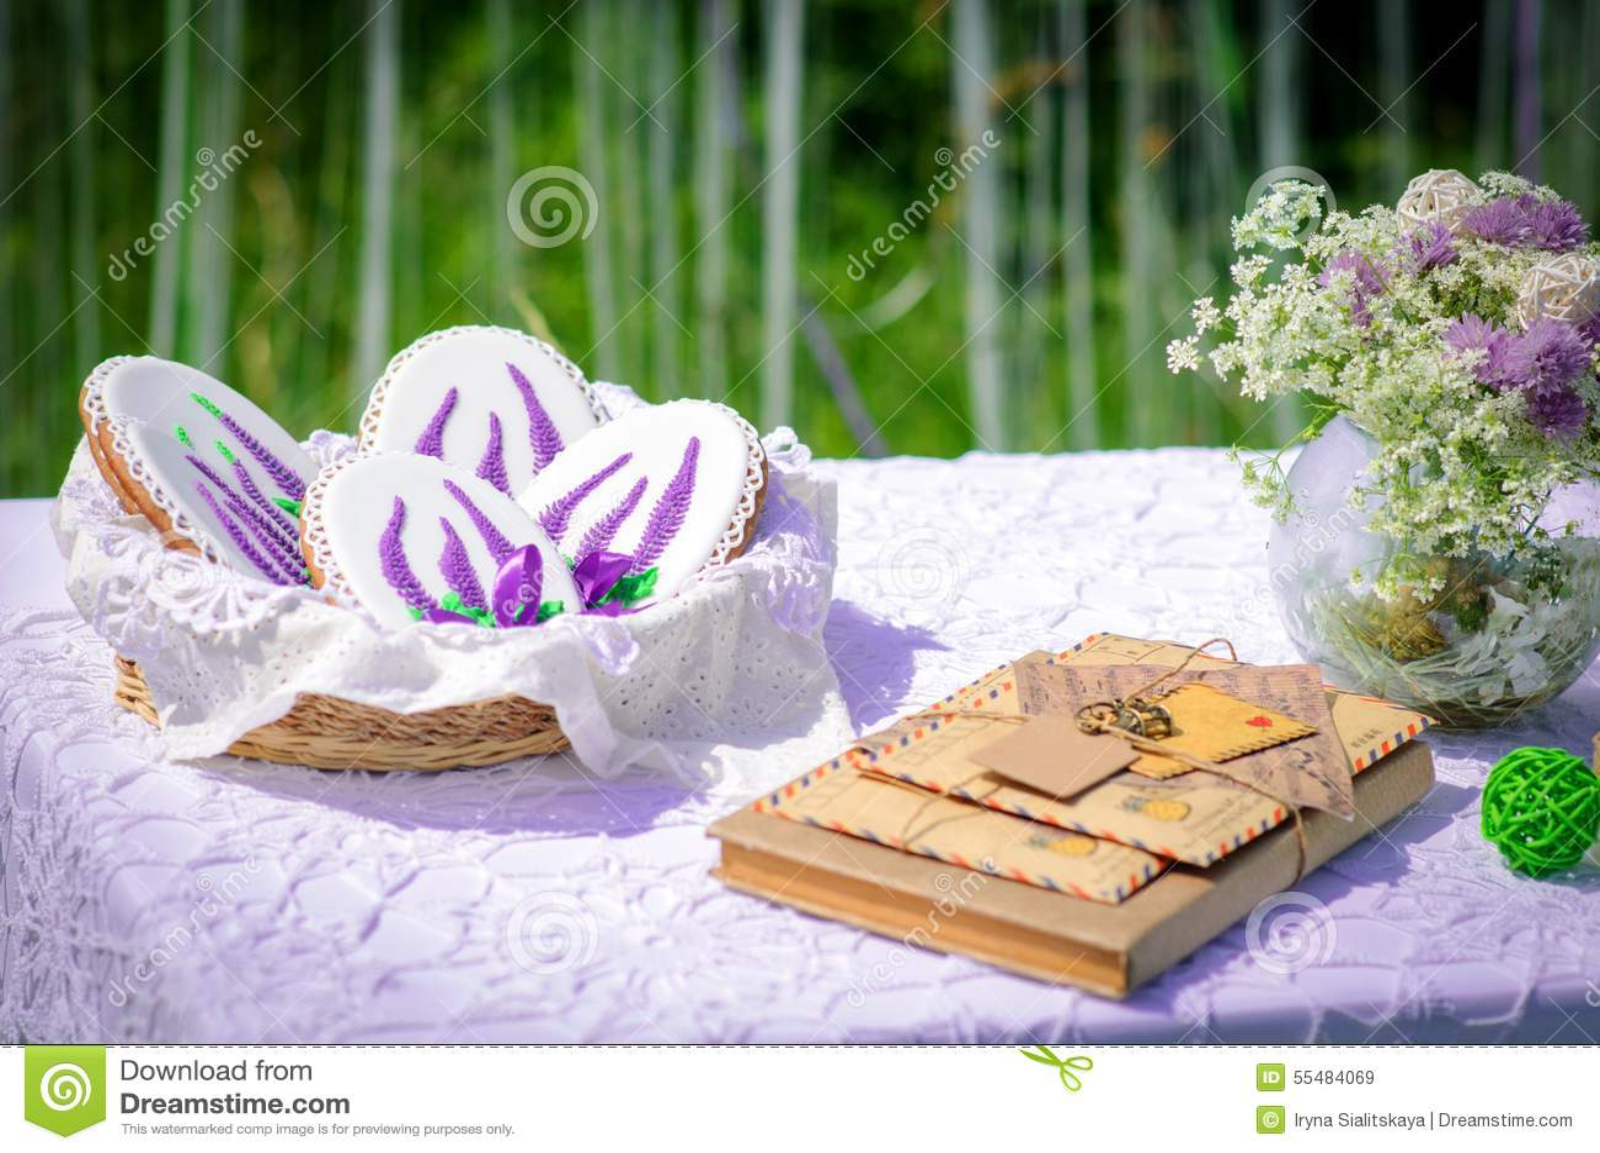 Picknick Im Park Blaue Lupineblumen Kerzen Und Buchstaben Schoner